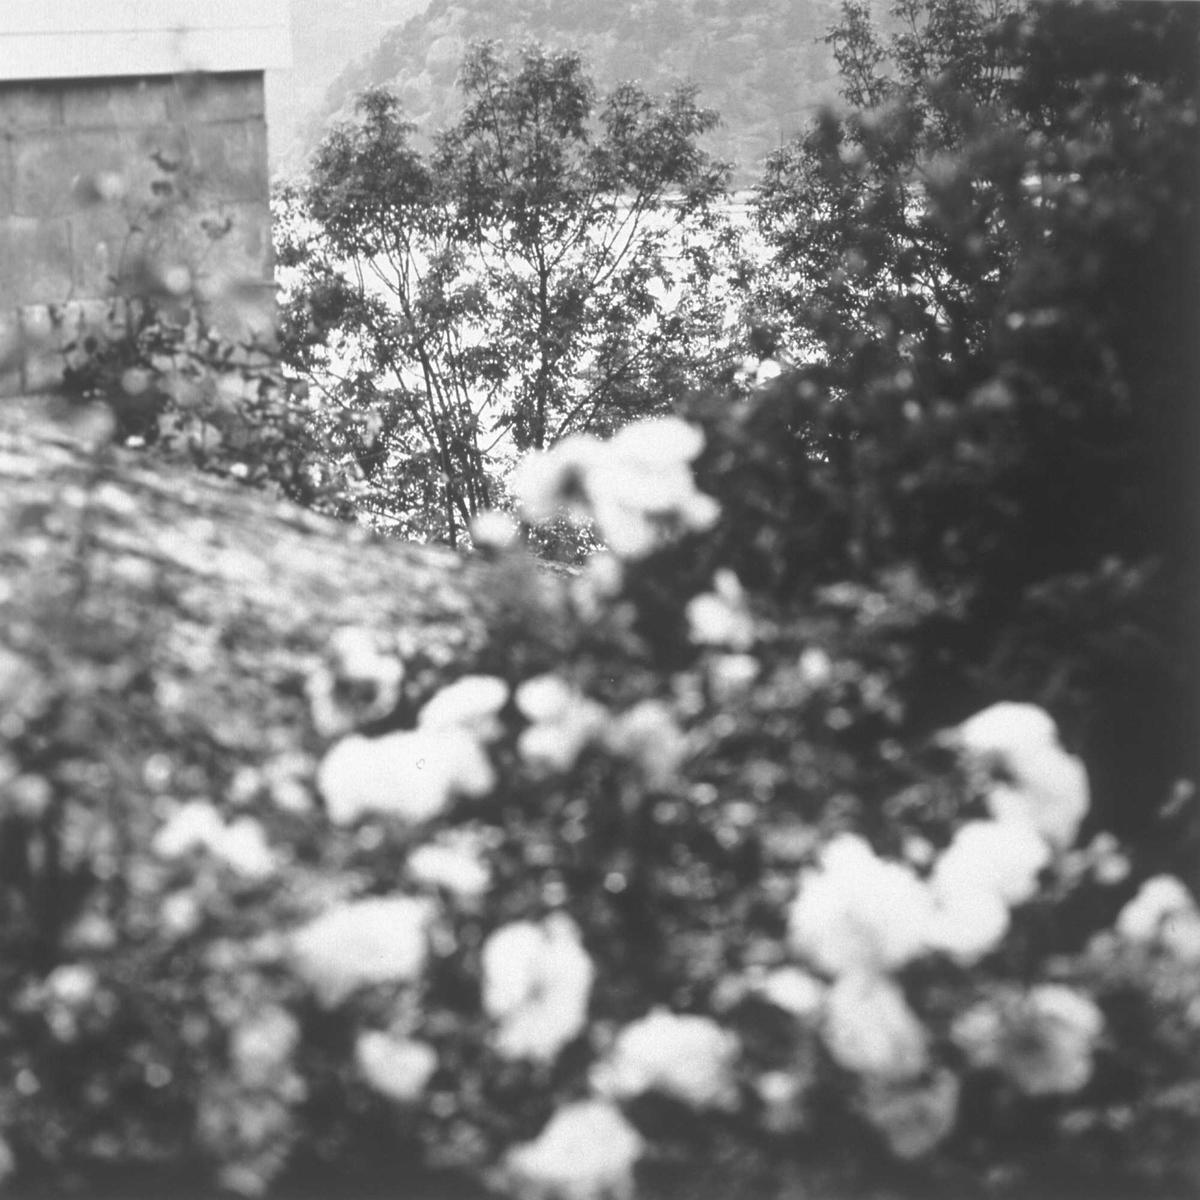 Kunstneren har latt seg fascinere av naturens ørsmå nyanser, som lys- og skyggevirkninger i løvtreets blader. Det hele er gjengitt med forankring i det klassiske svart/hvitt fotografiets tradisjon.